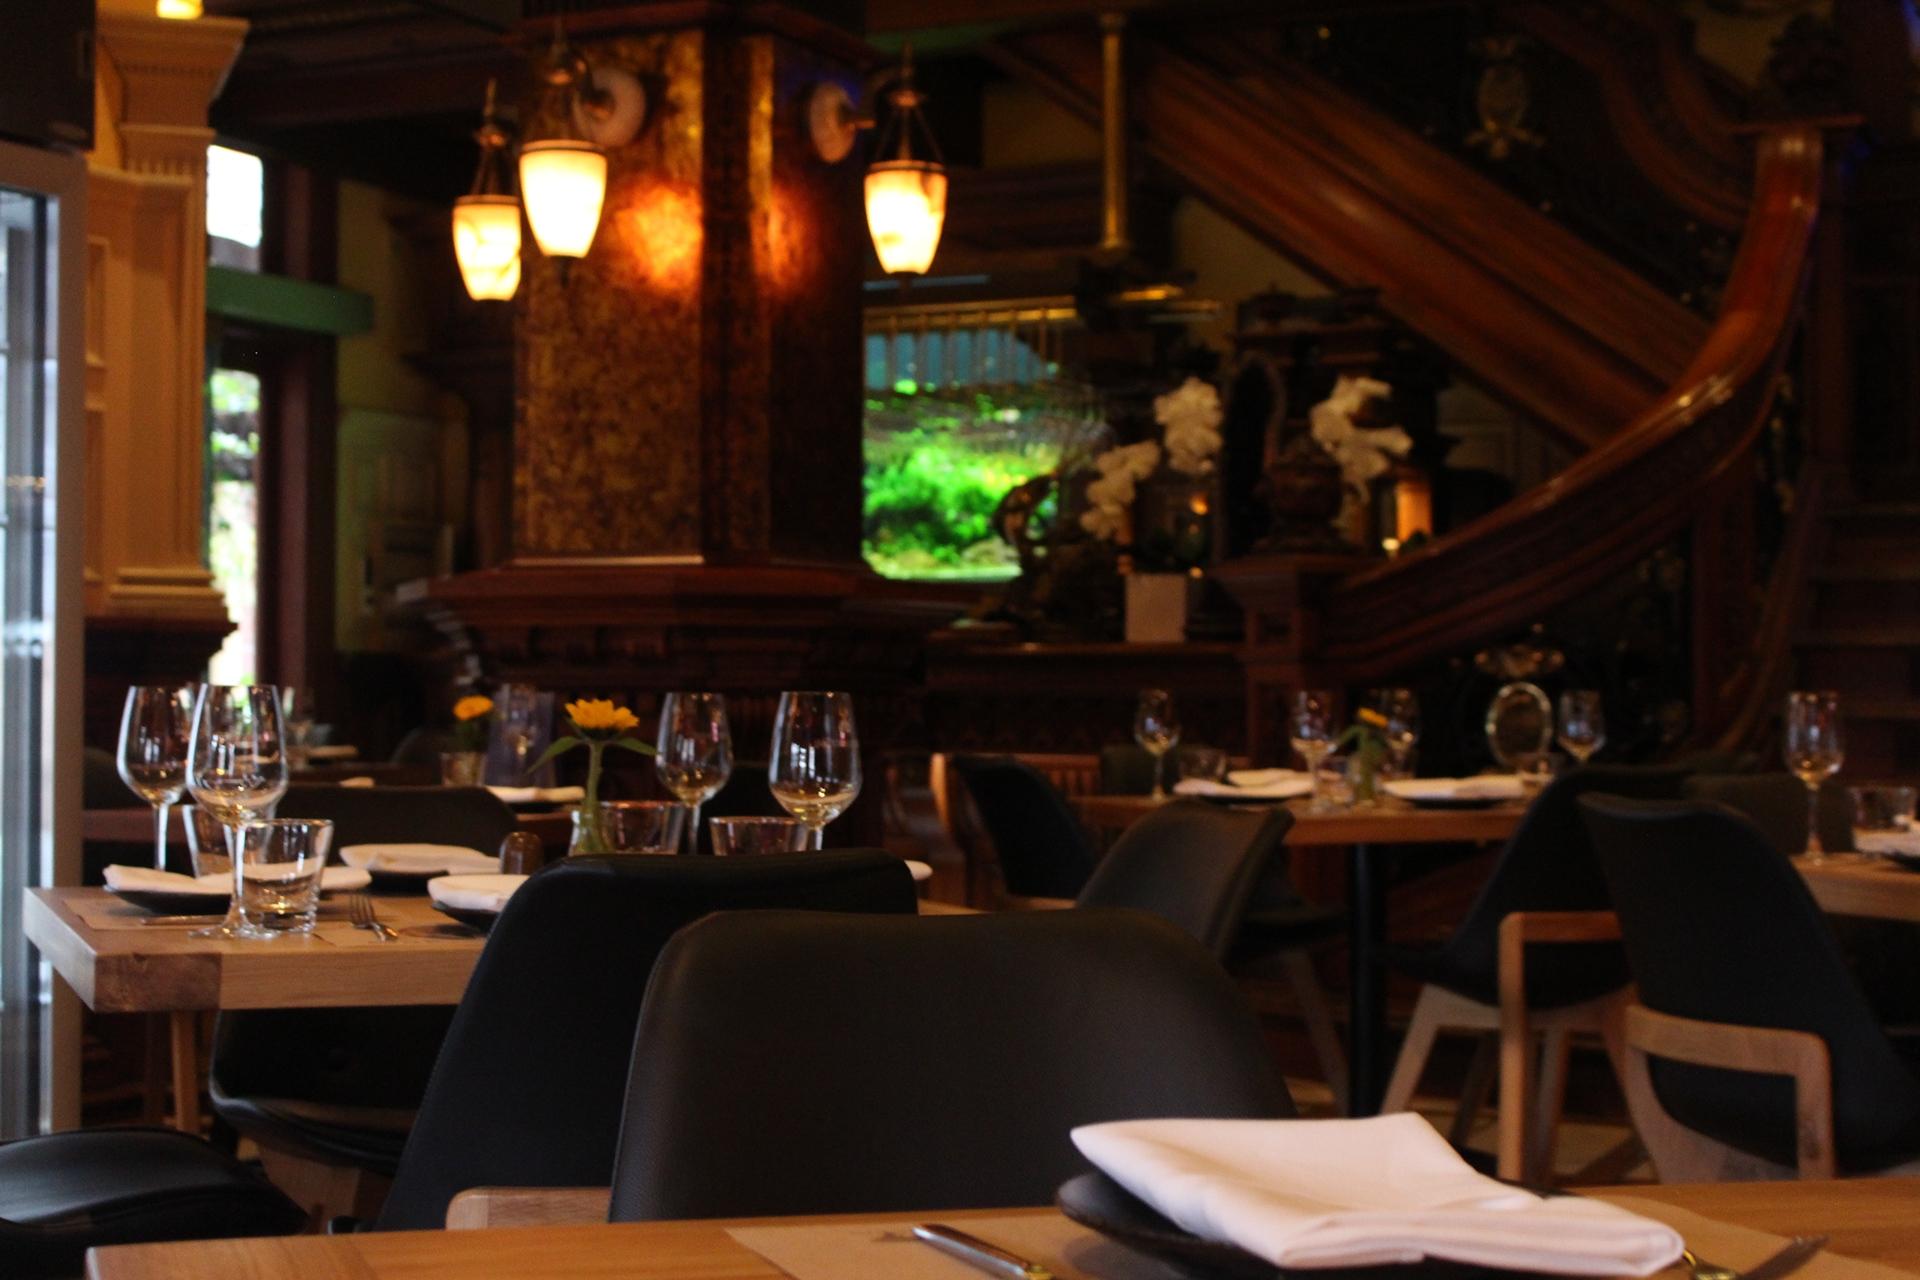 thiết kế nội thất Nhà Hàng tại Hồ Chí Minh Ngoc Suong Steak&Seafood 106 Suong Nguyen Anh, Sai Gon 7 1534746945